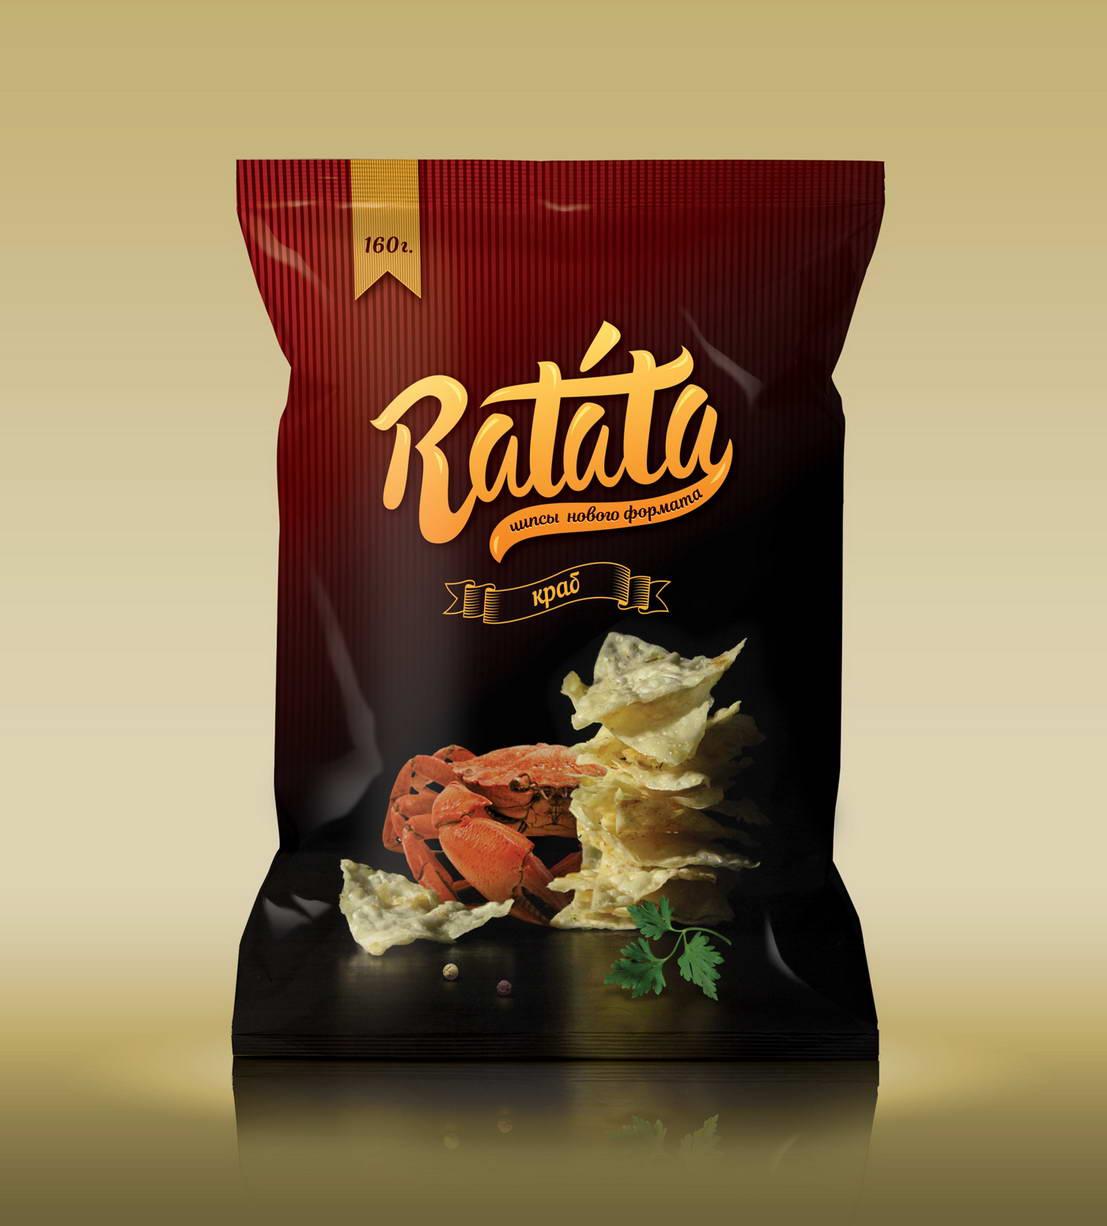 emballage design chips med krabbe Ratata